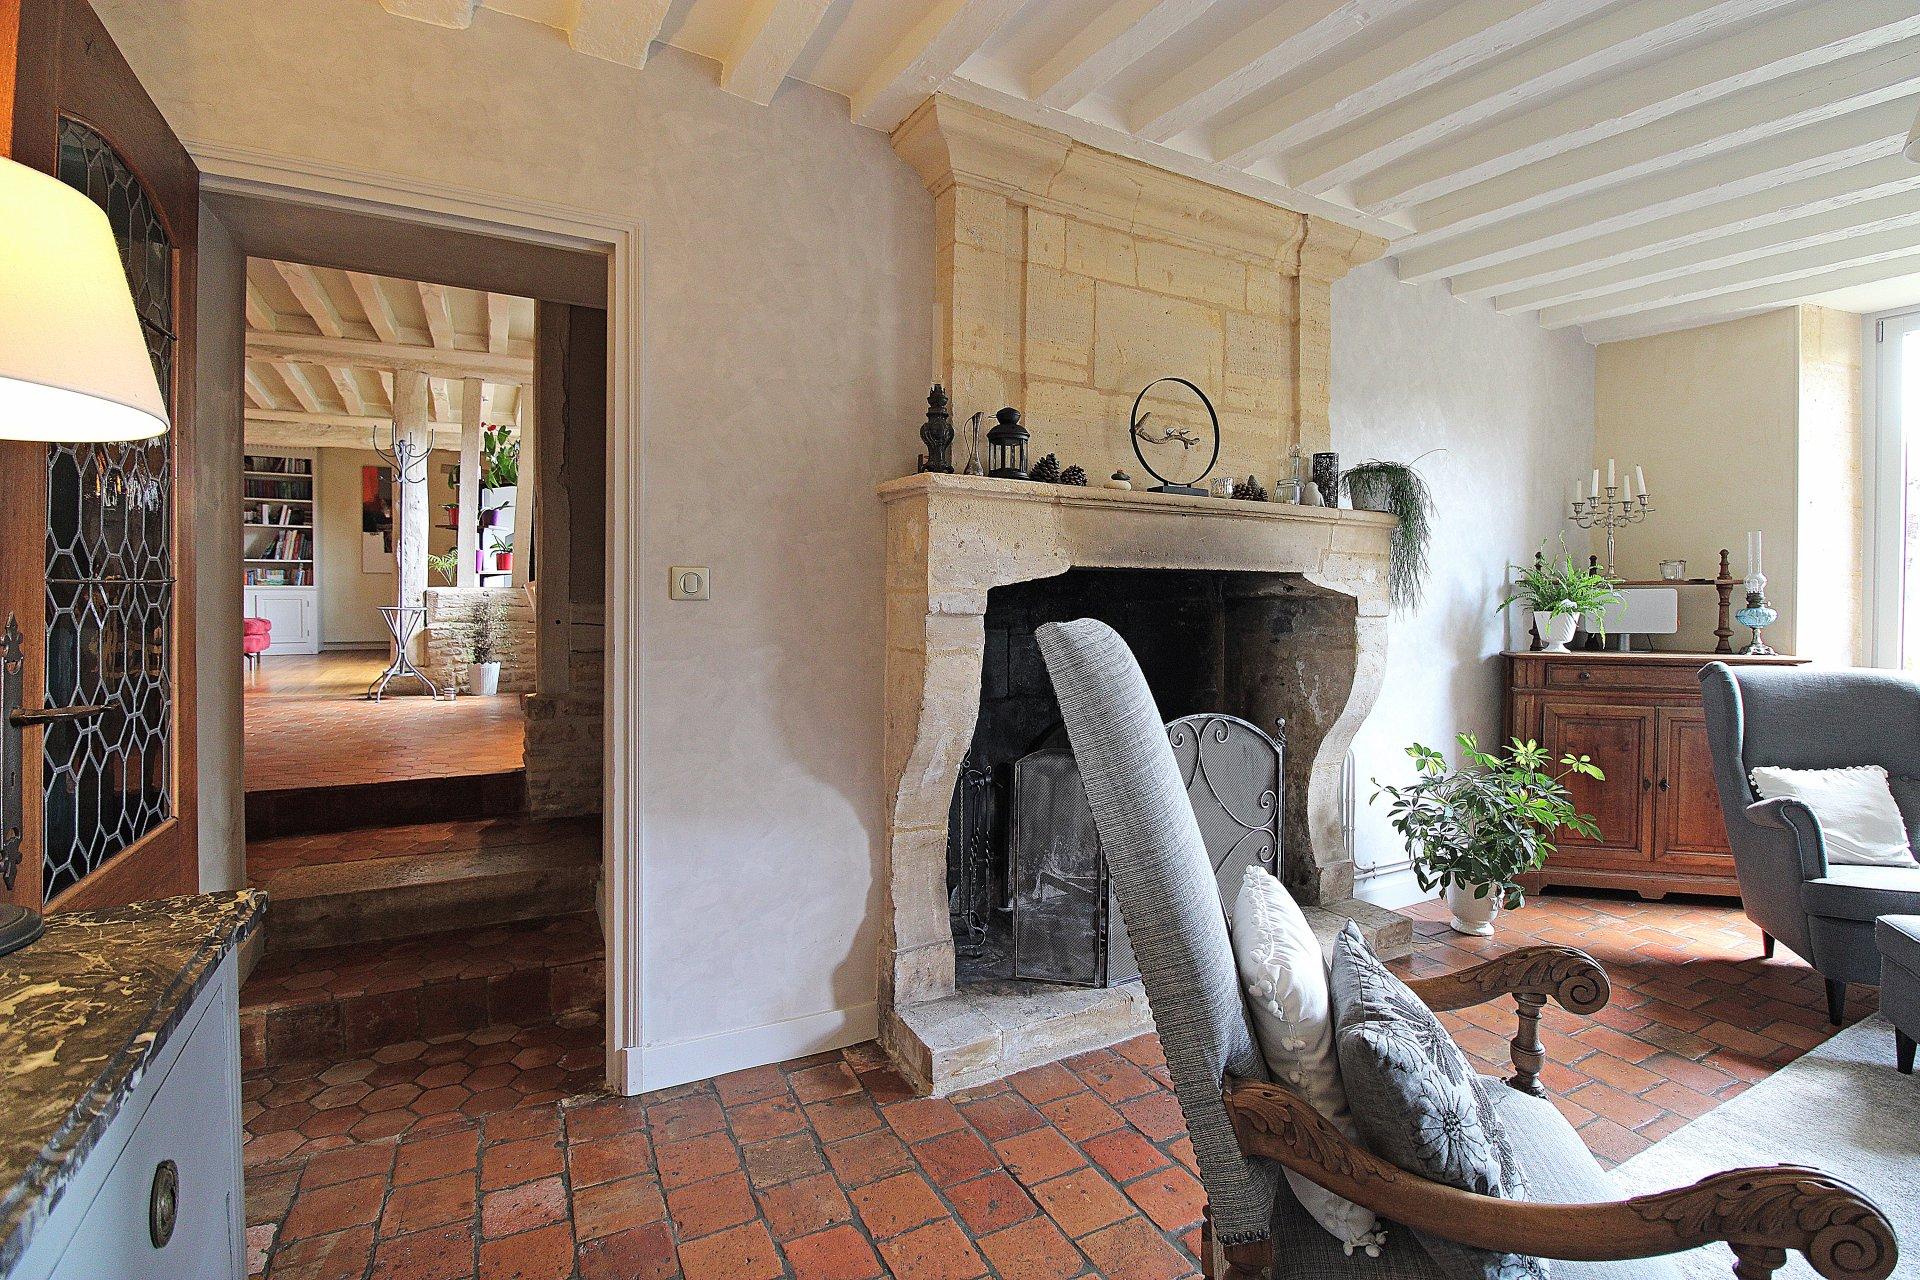 PAYS D'AUGE-CALVADOS-Région SAINT-PIERRE-EN-AUGE- Superbe Ancien Logis construit en pierres et colombages Origine XVème